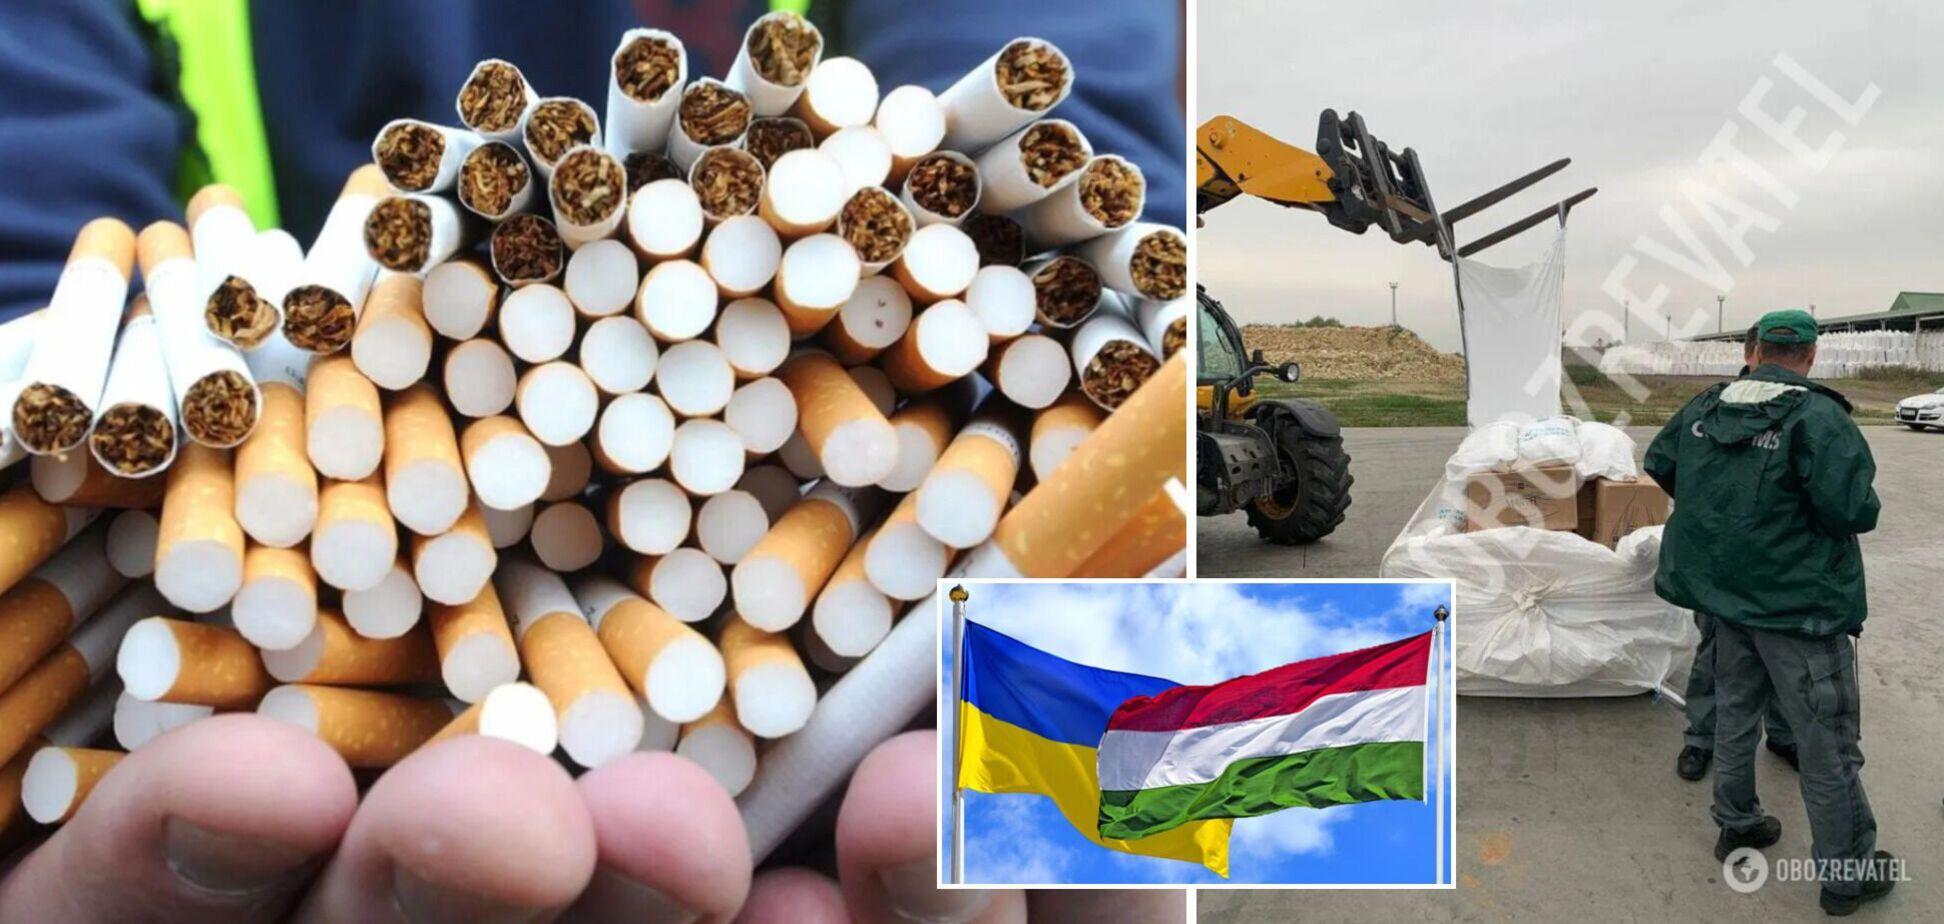 Контрабанда сигарет в Венгрию забирает миллионы у Украины